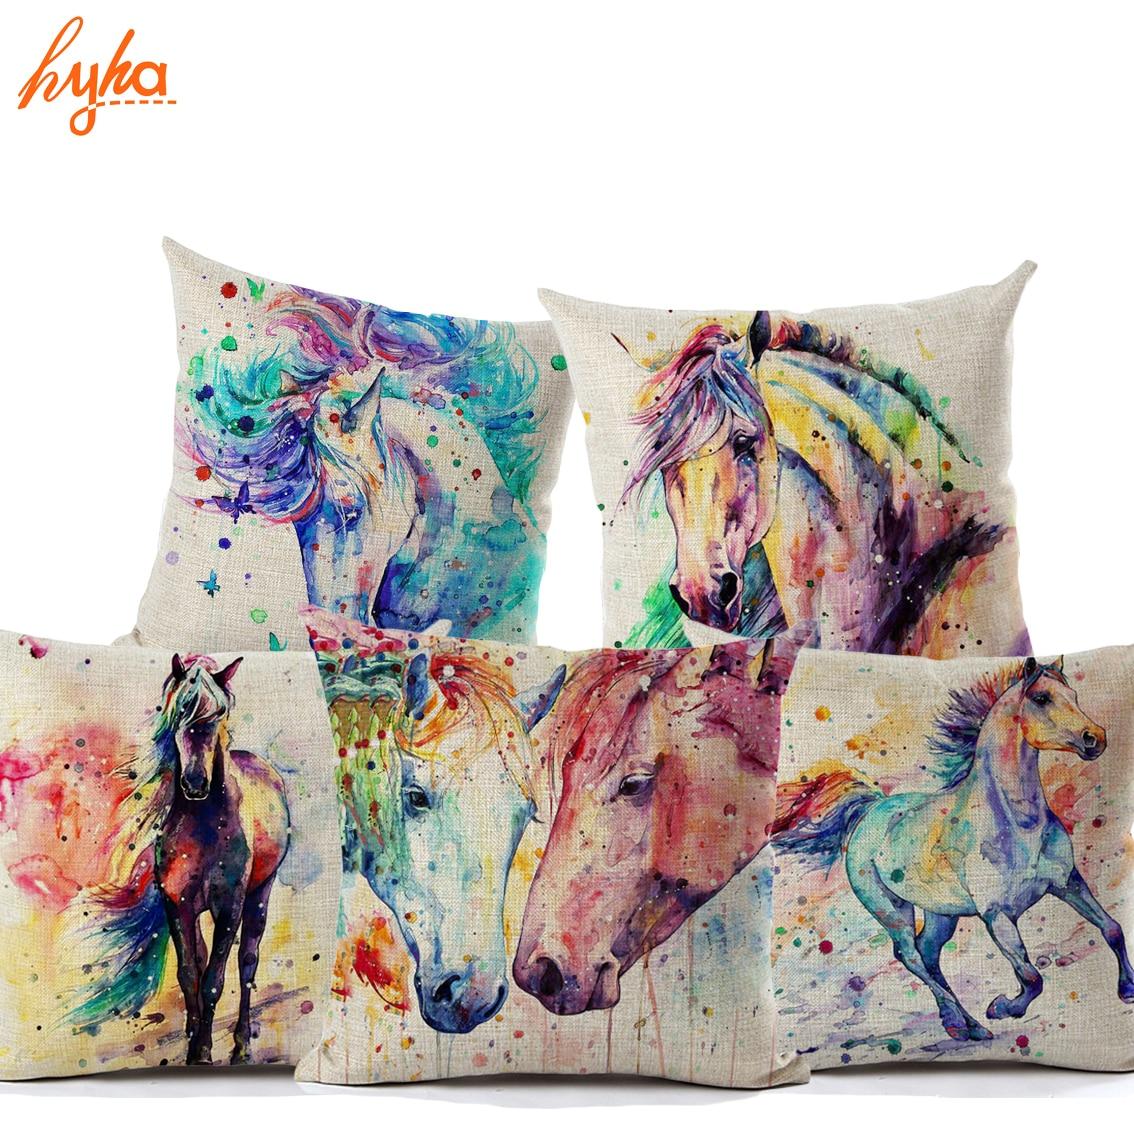 Hyha Aquarelle Peinture Cheval Housse de Coussin de Toile de Coton Coloré Au Galop Cheval Accueil Décoratif Oreillers Couverture pour Canapé Animal